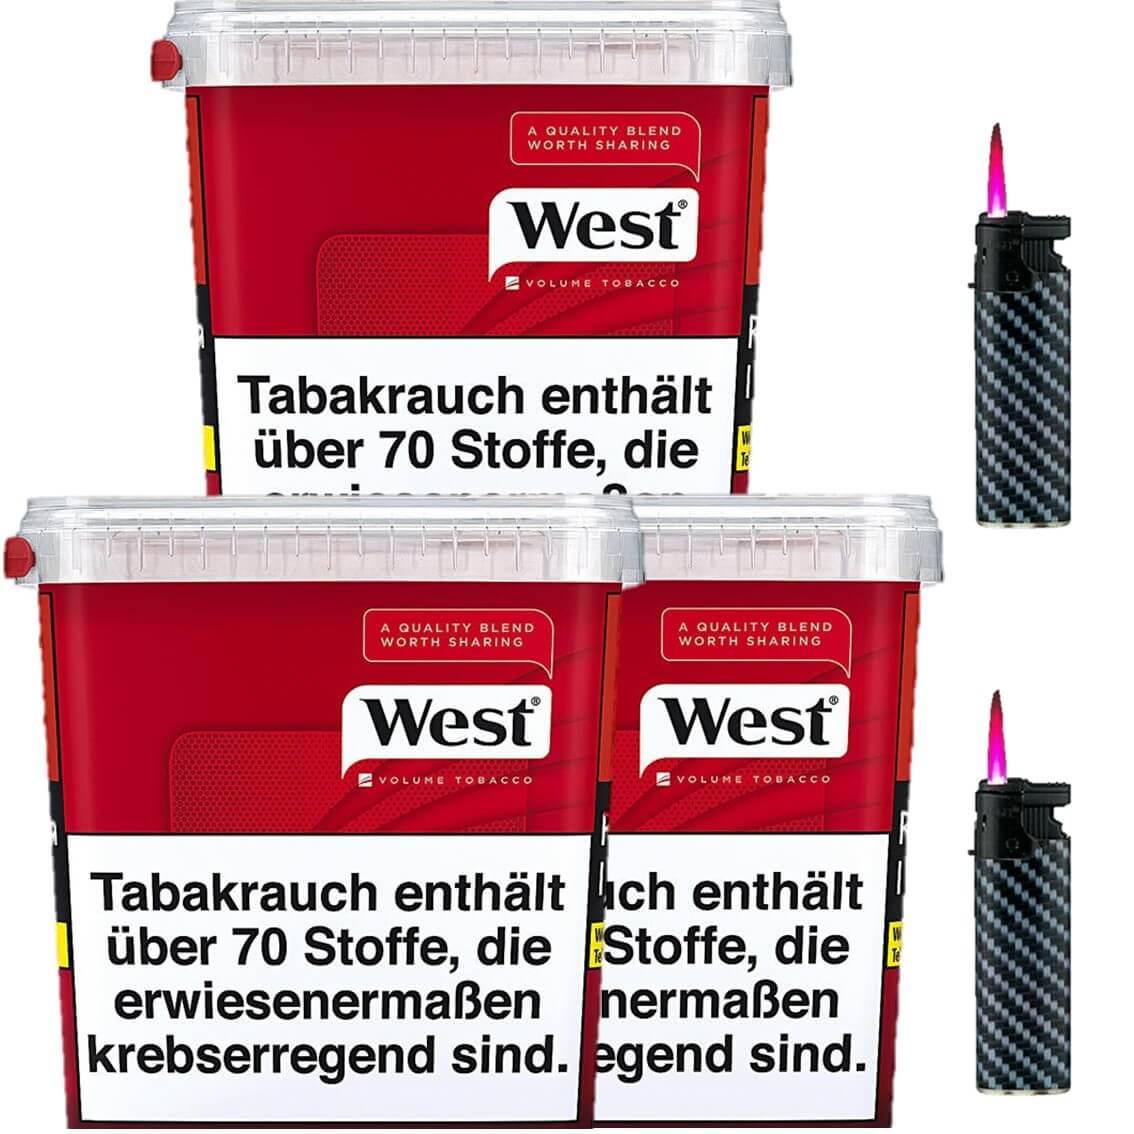 West Red 3 x 300g Volumentabak 2 x Sturmfeuerzeuge